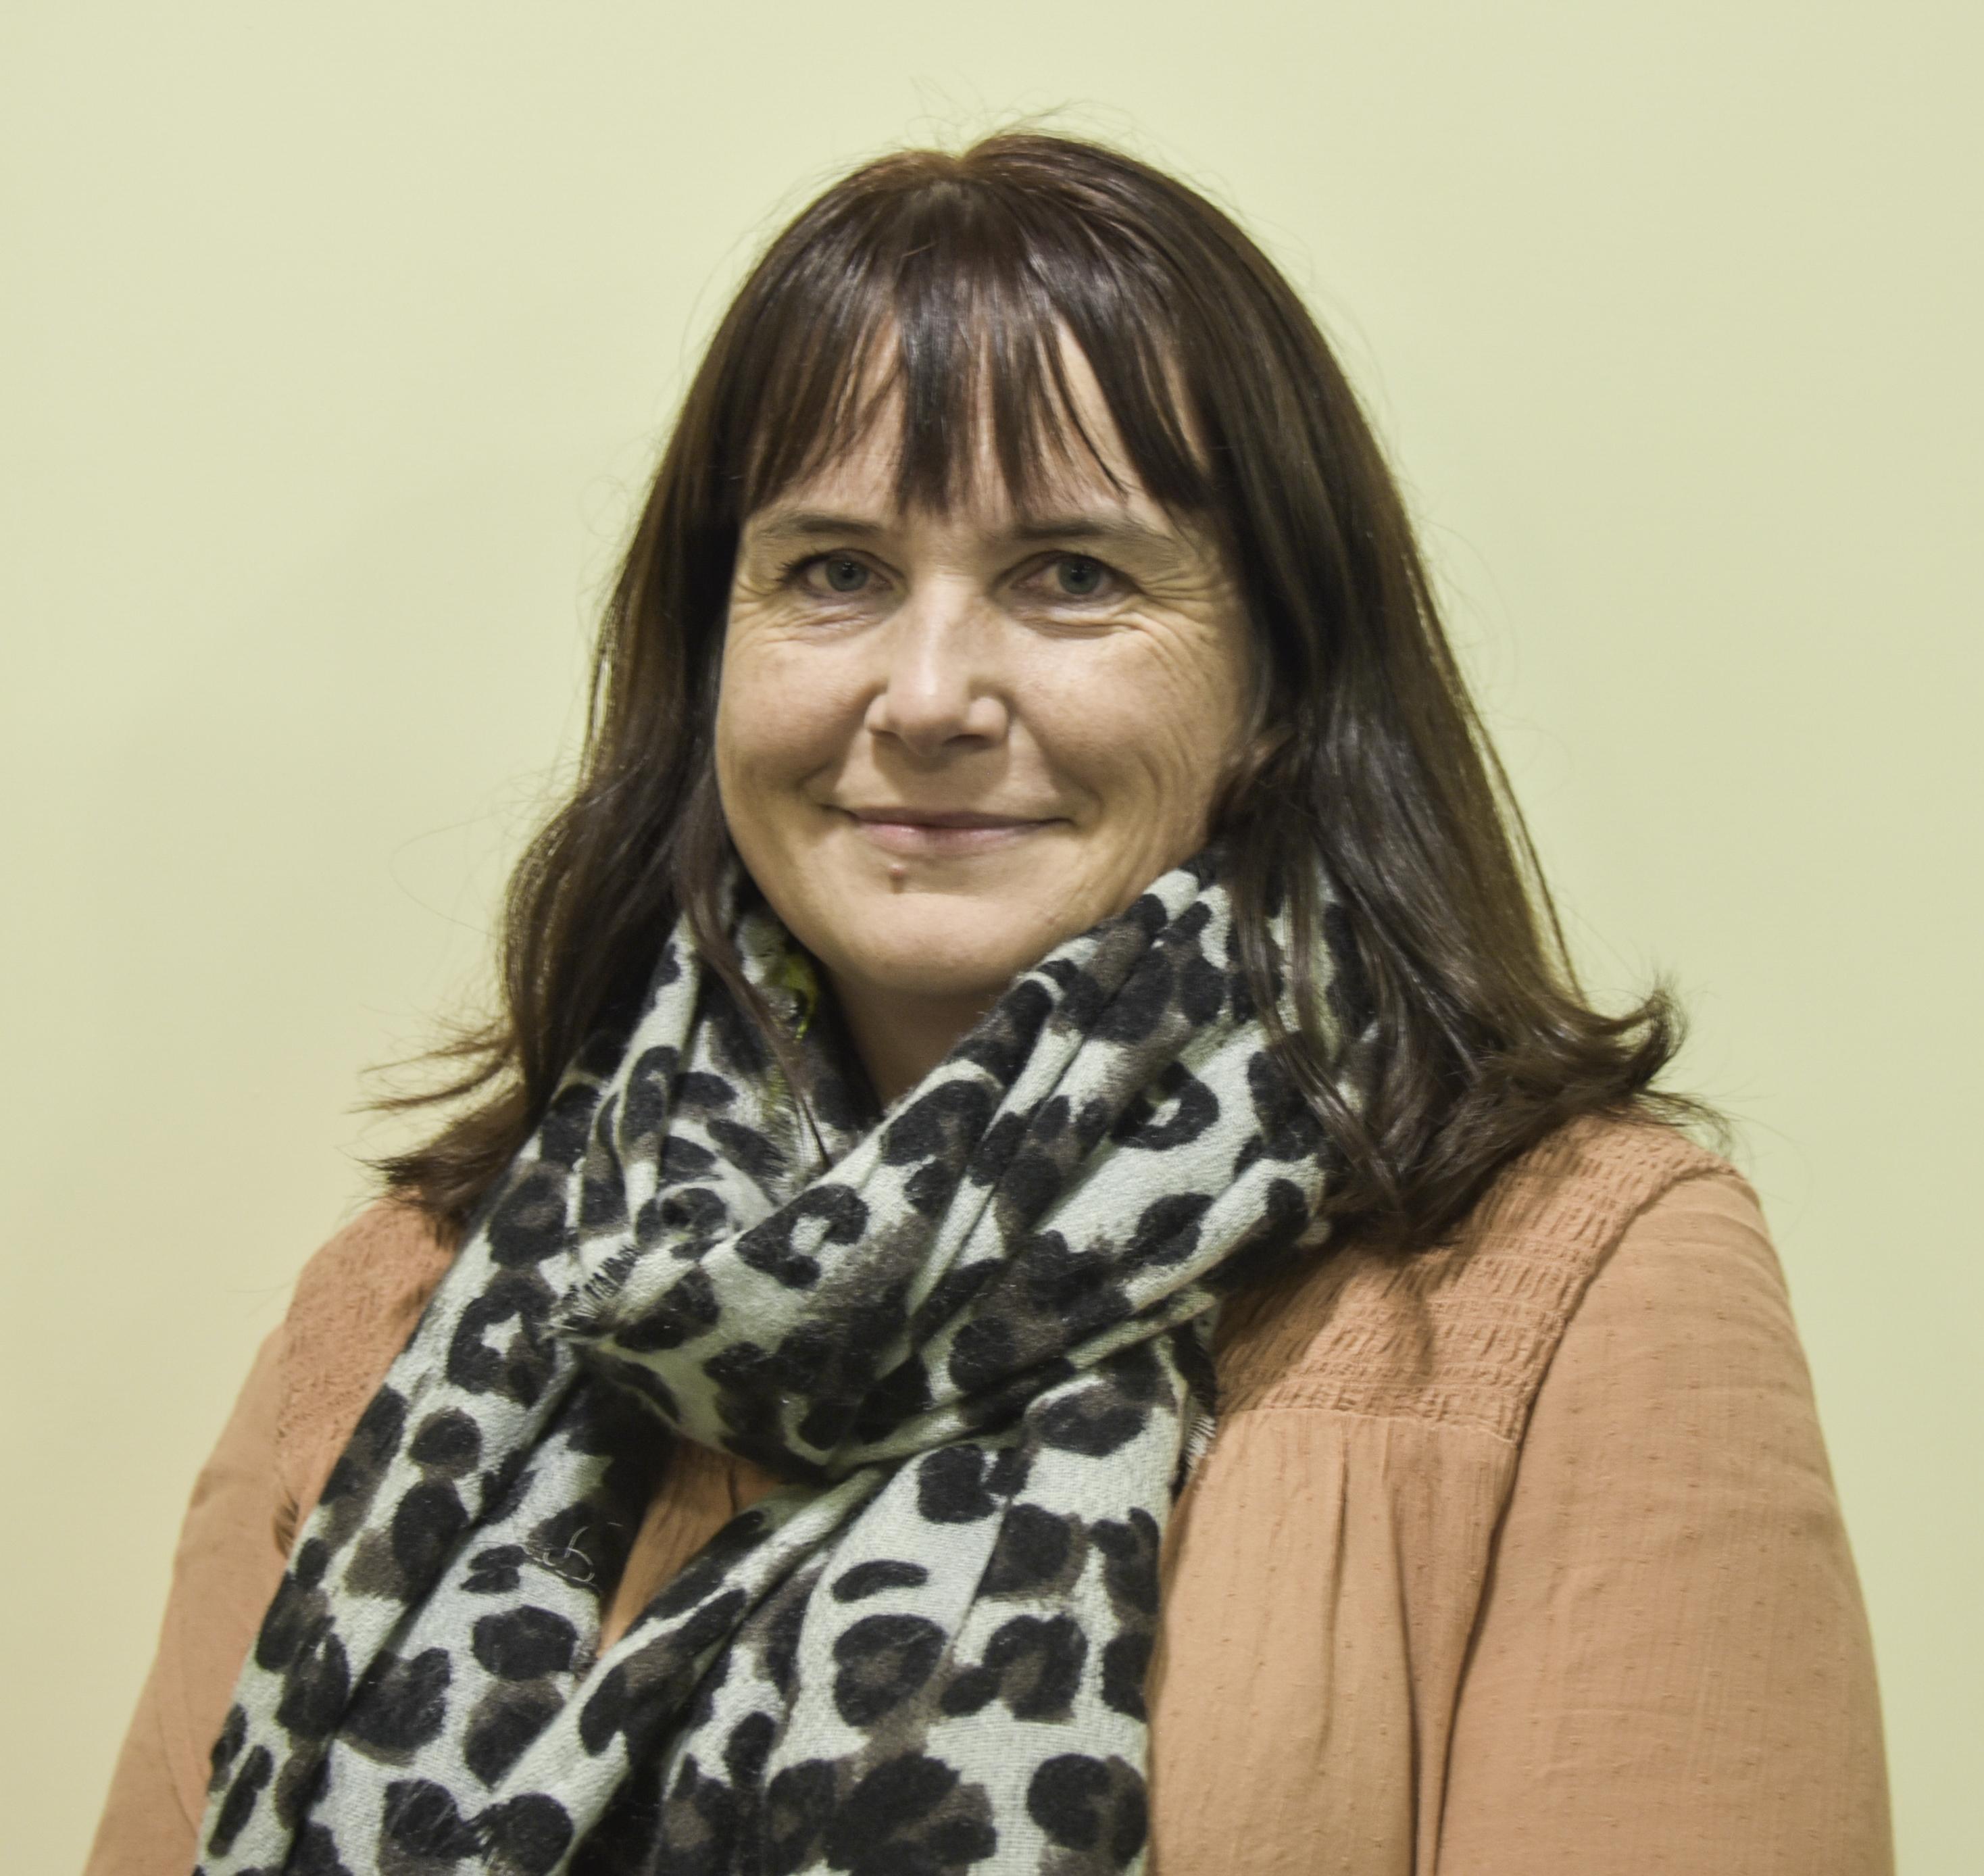 Becky Garland